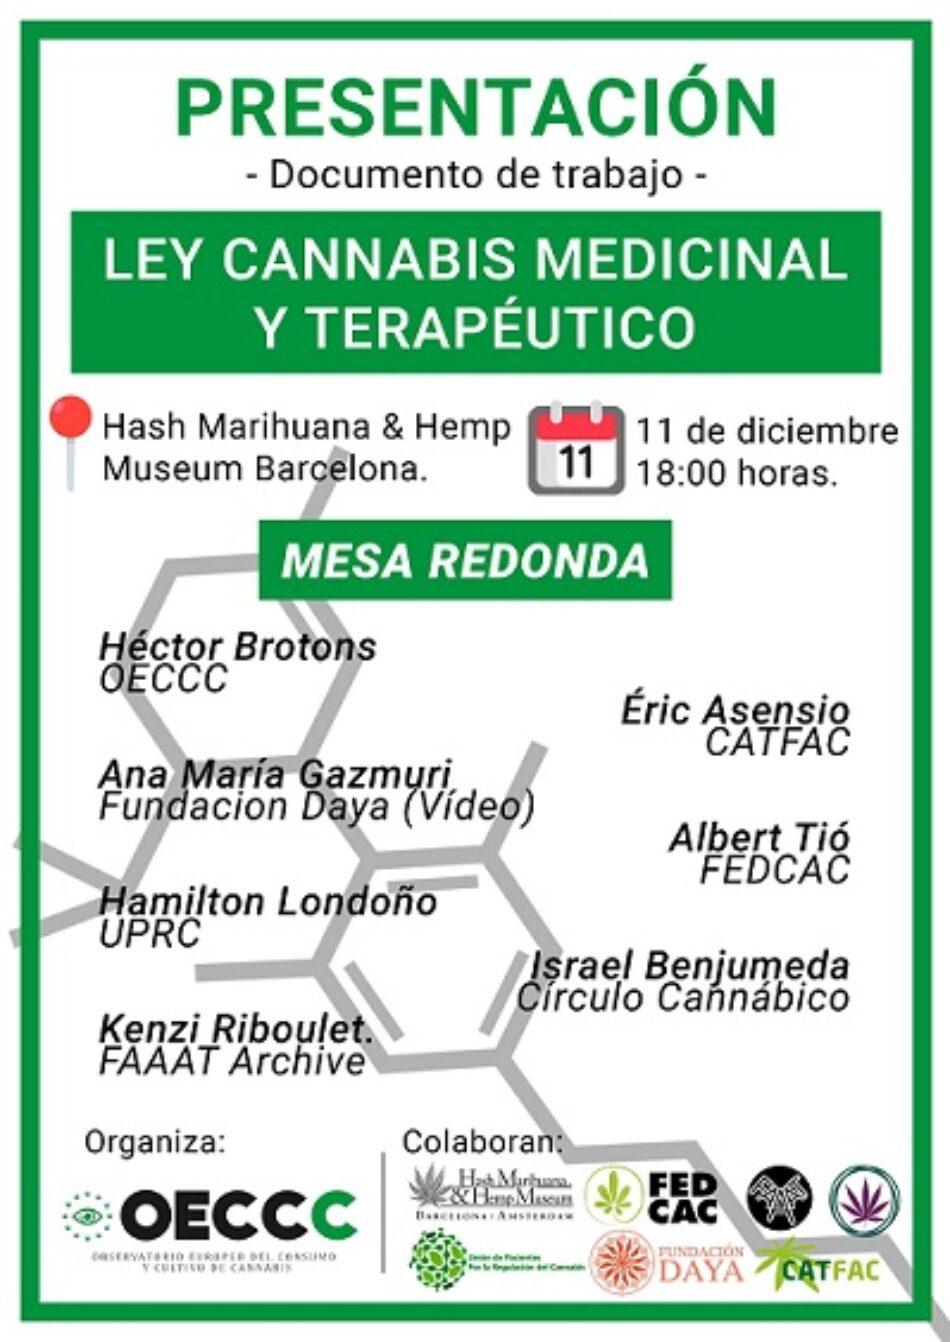 Expertos presentarán una propuesta de Ley del Cannabis Medicinal y Terapeútico